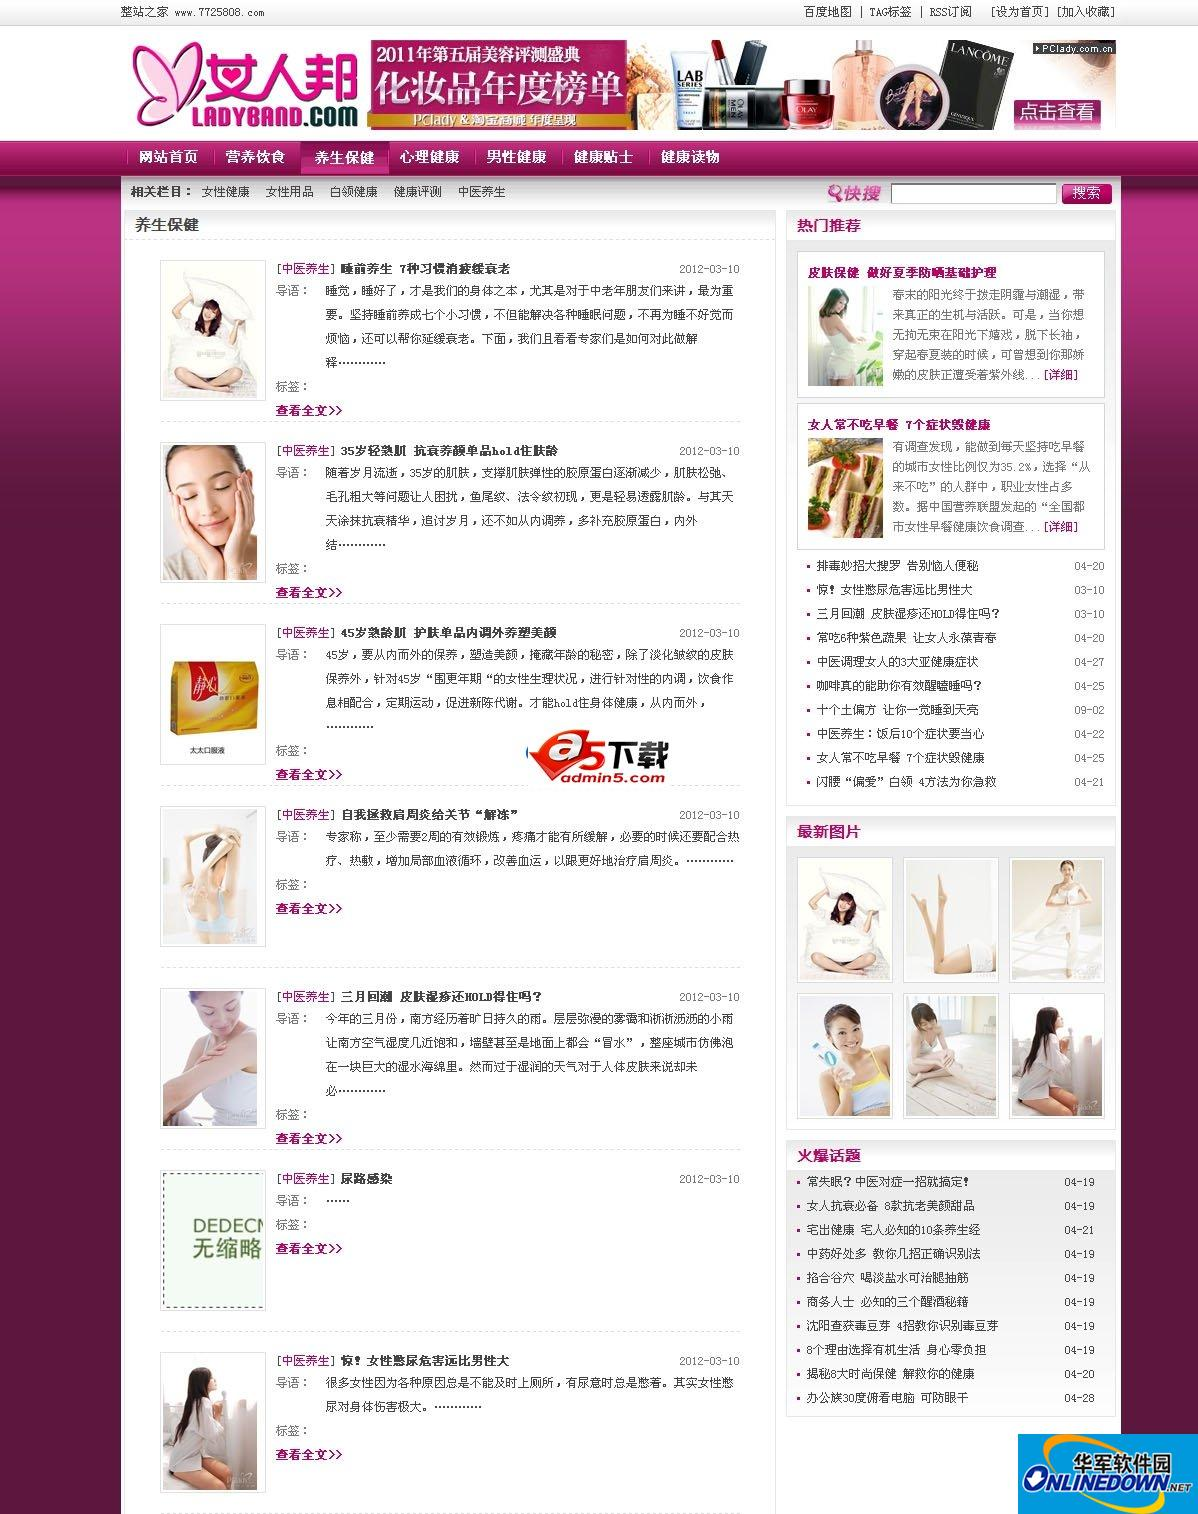 精美女性健康资讯网整站 5.7